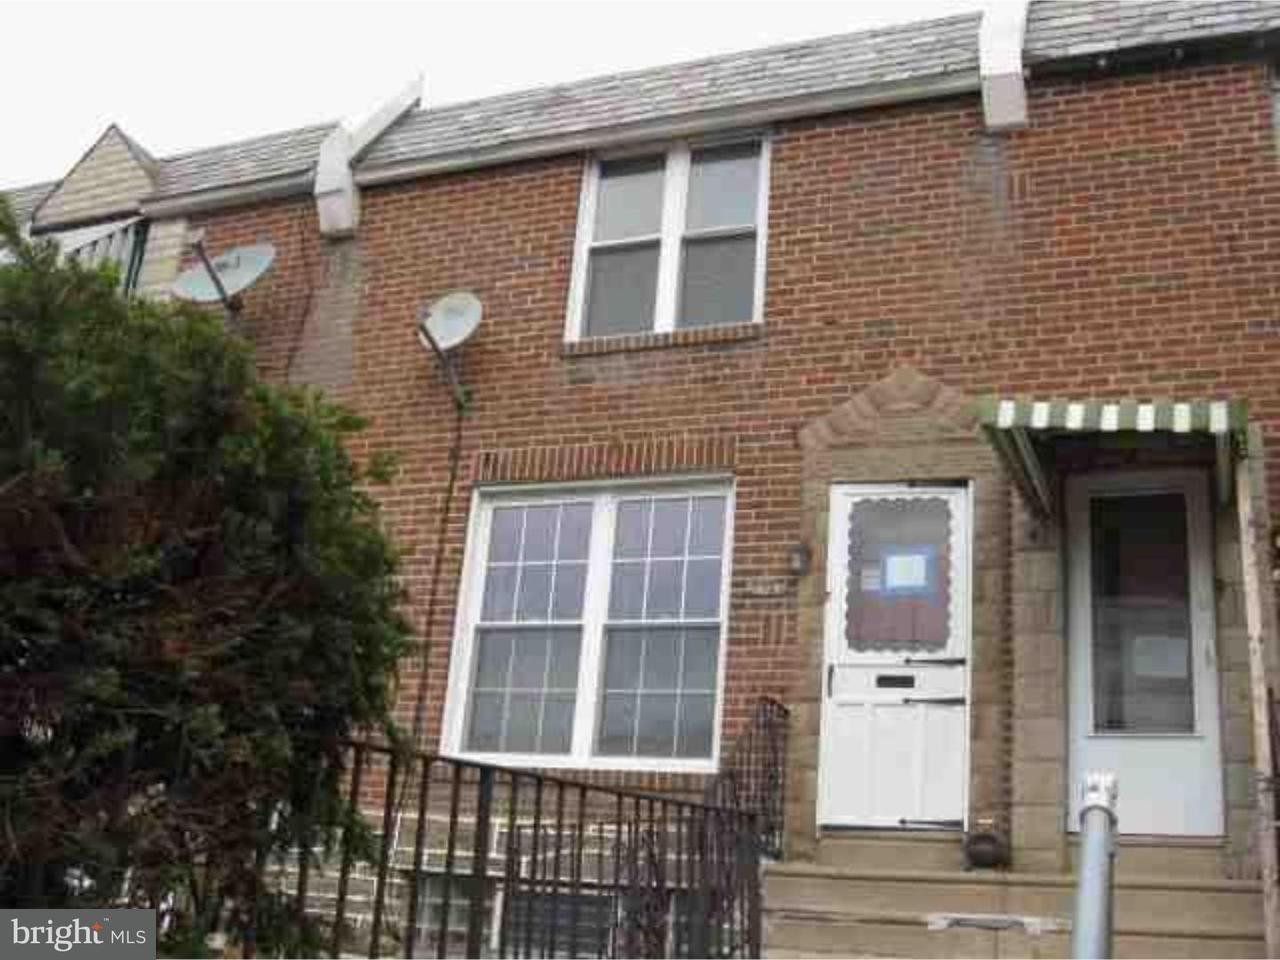 625 E Carver Philadelphia, PA 19120